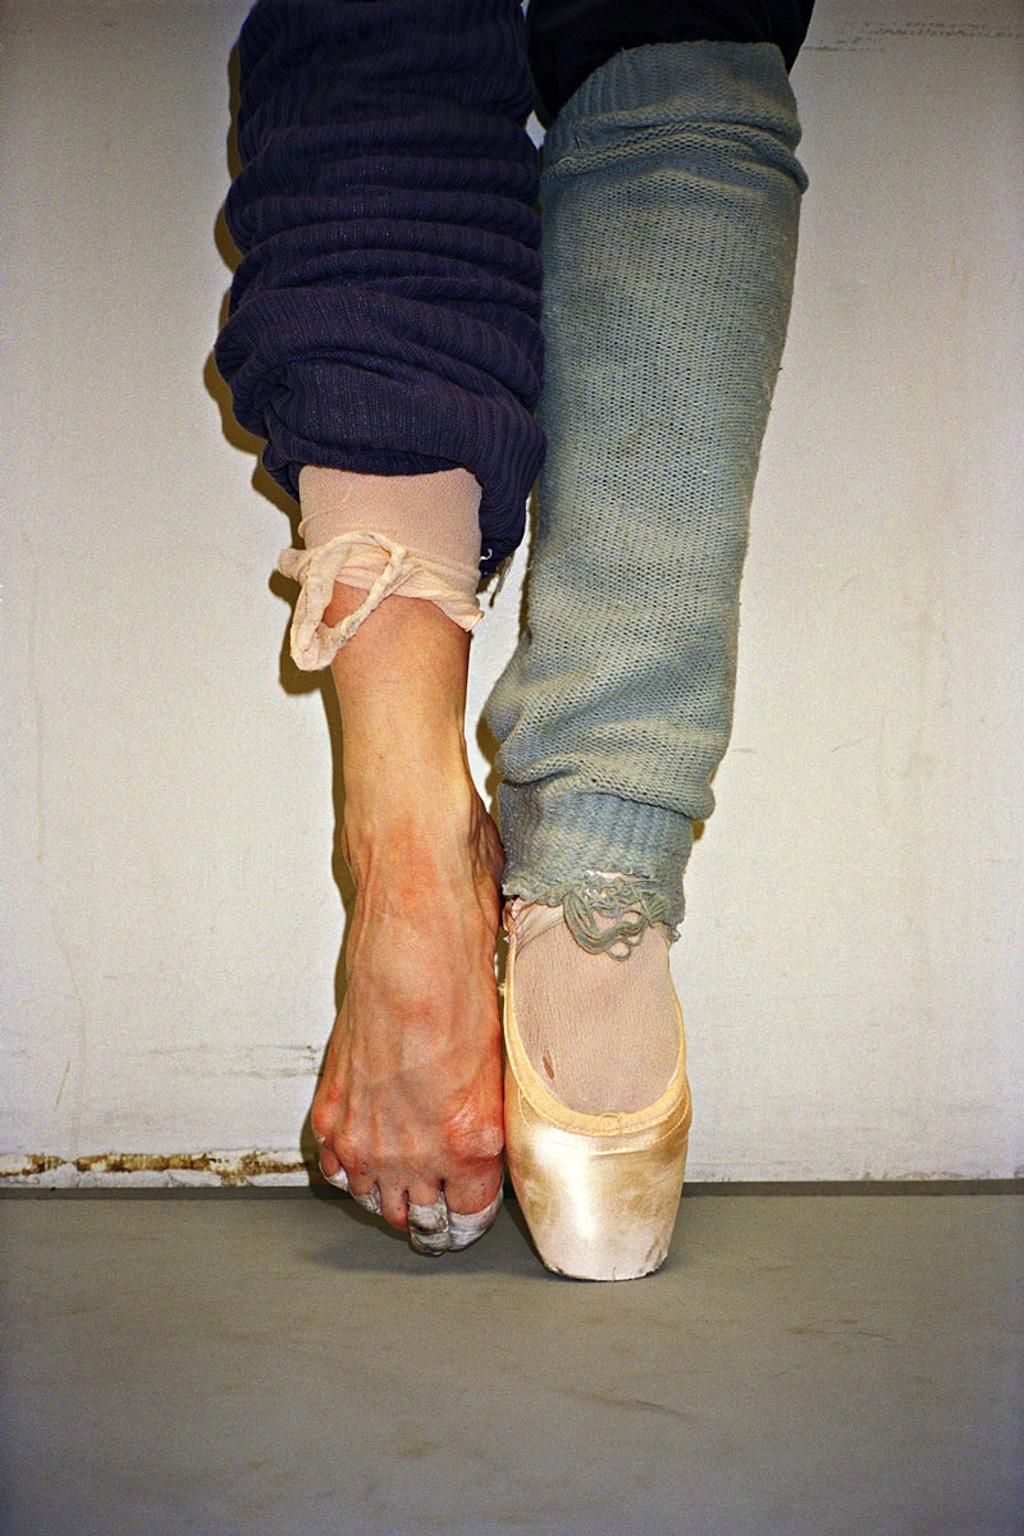 Фото стоп балерин 1 фотография